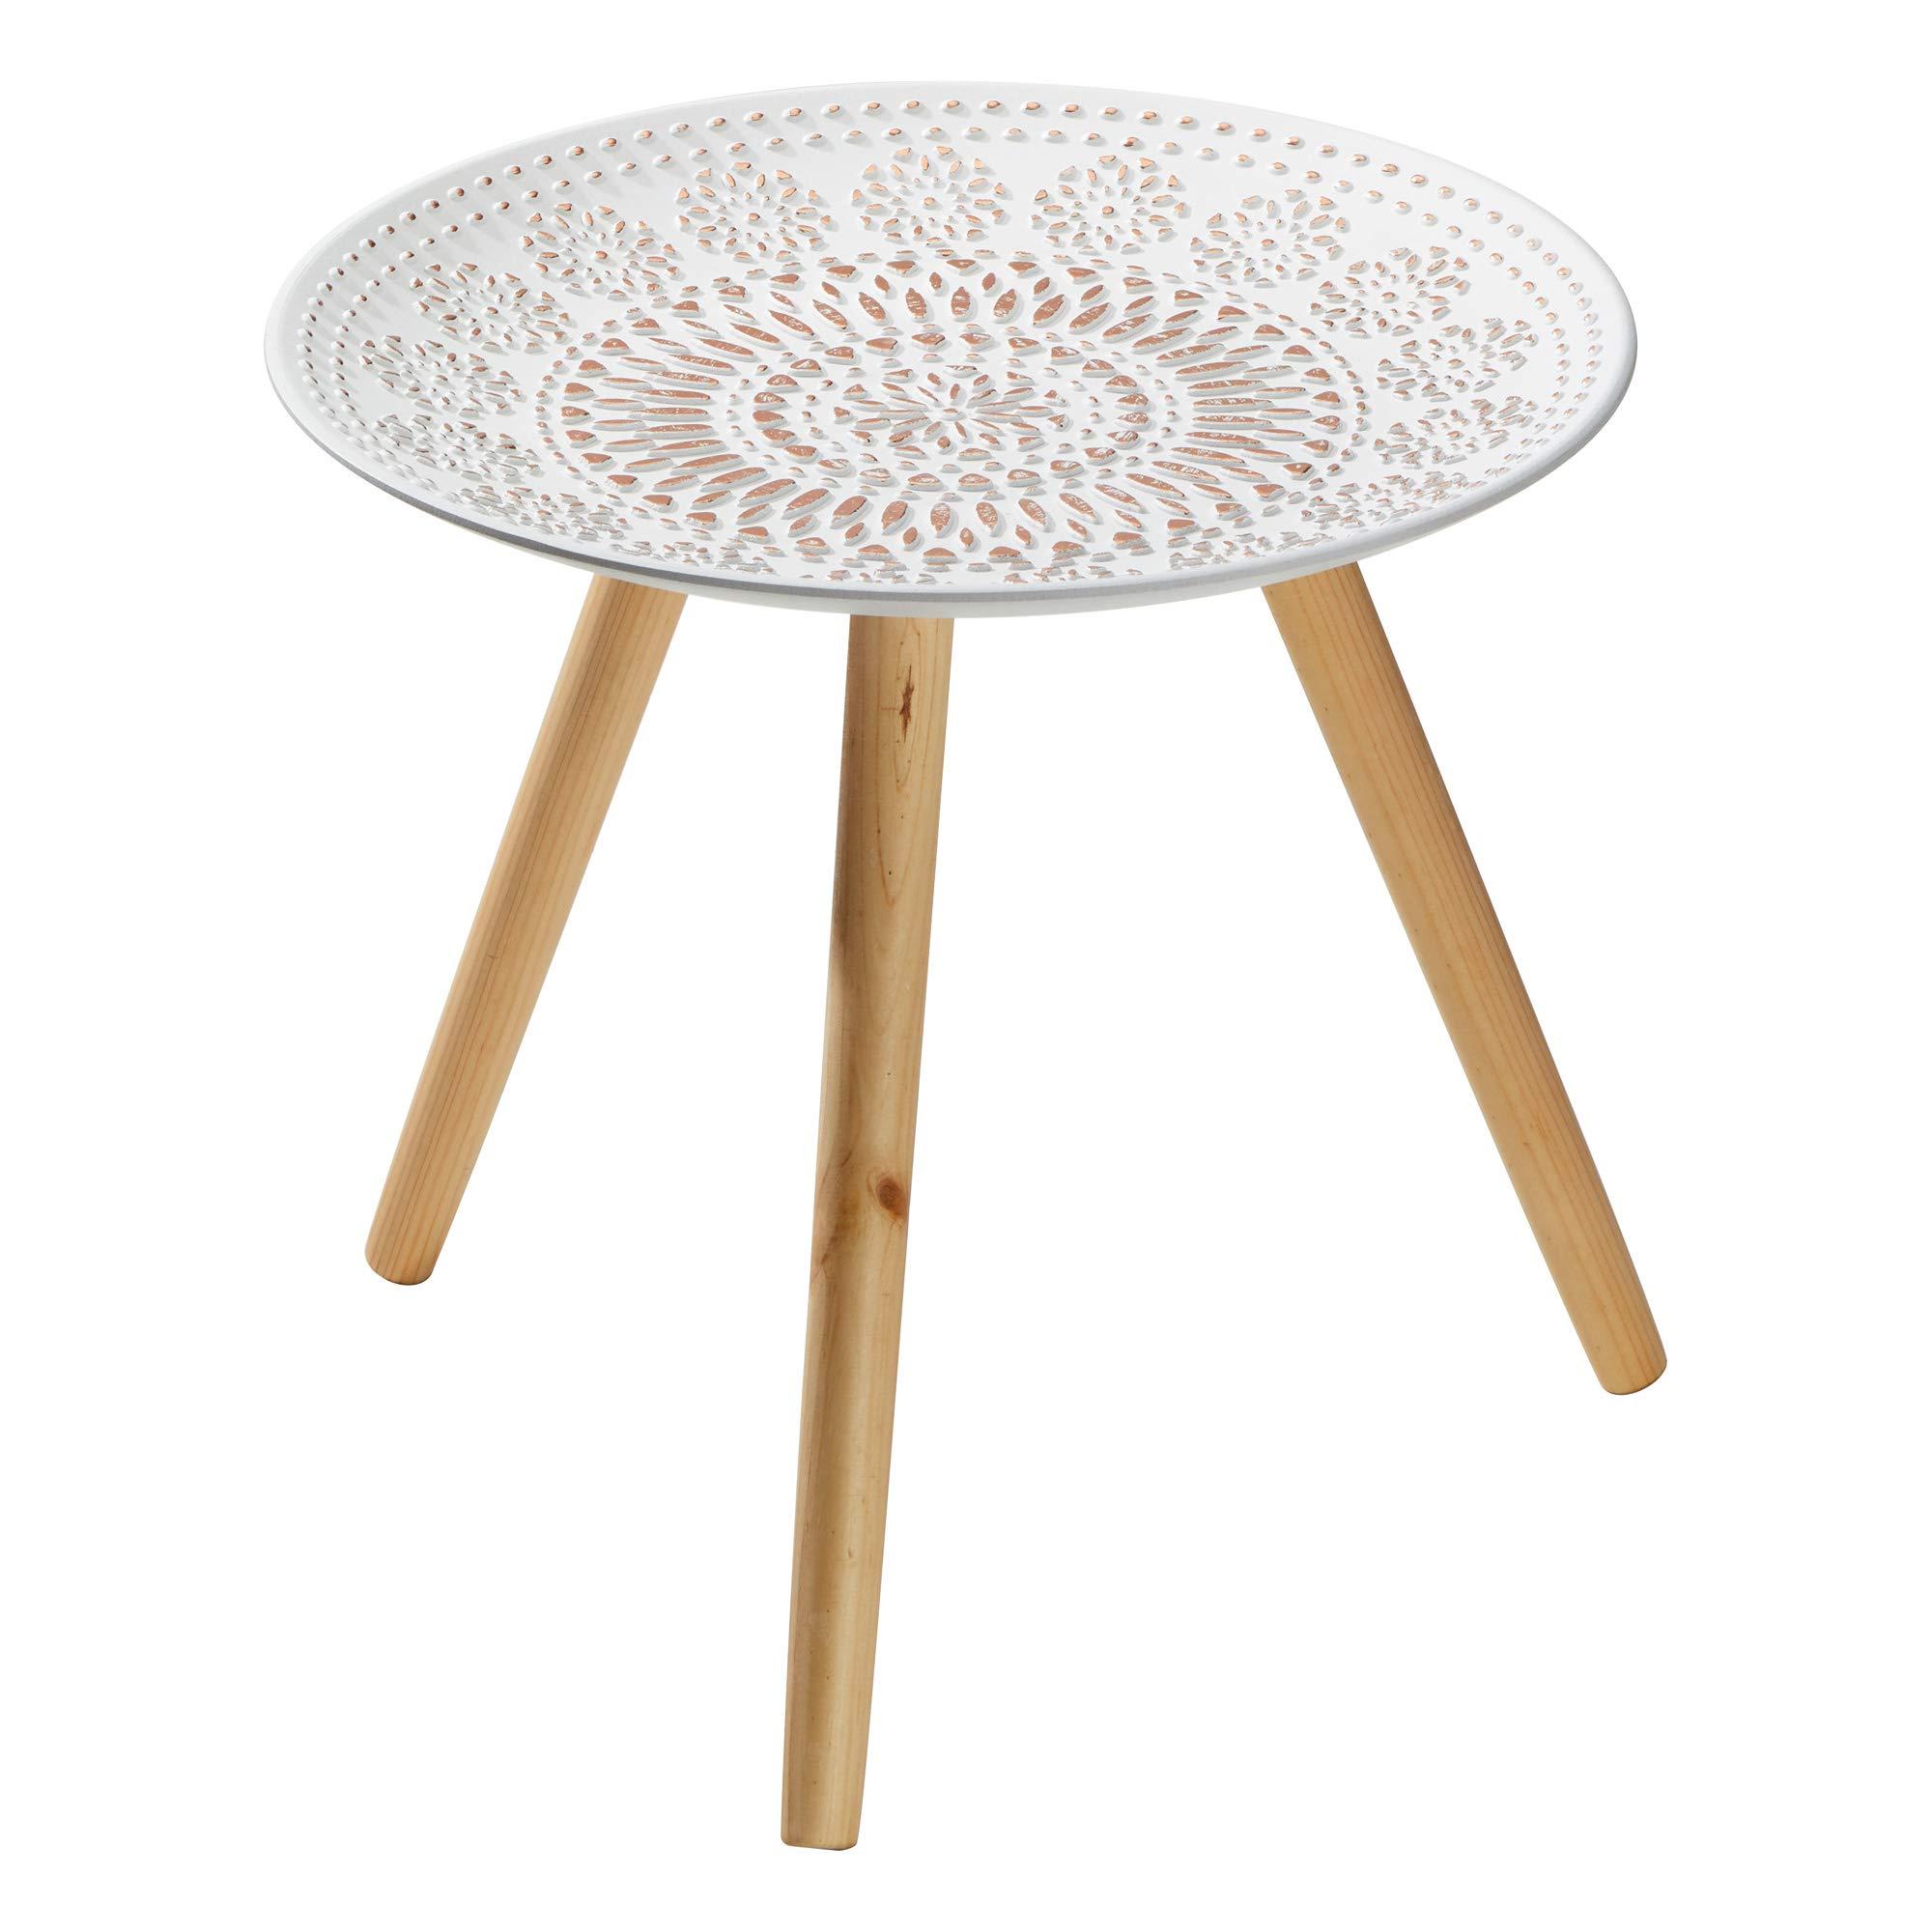 DecoInParis Table Basse gigogne Zelia